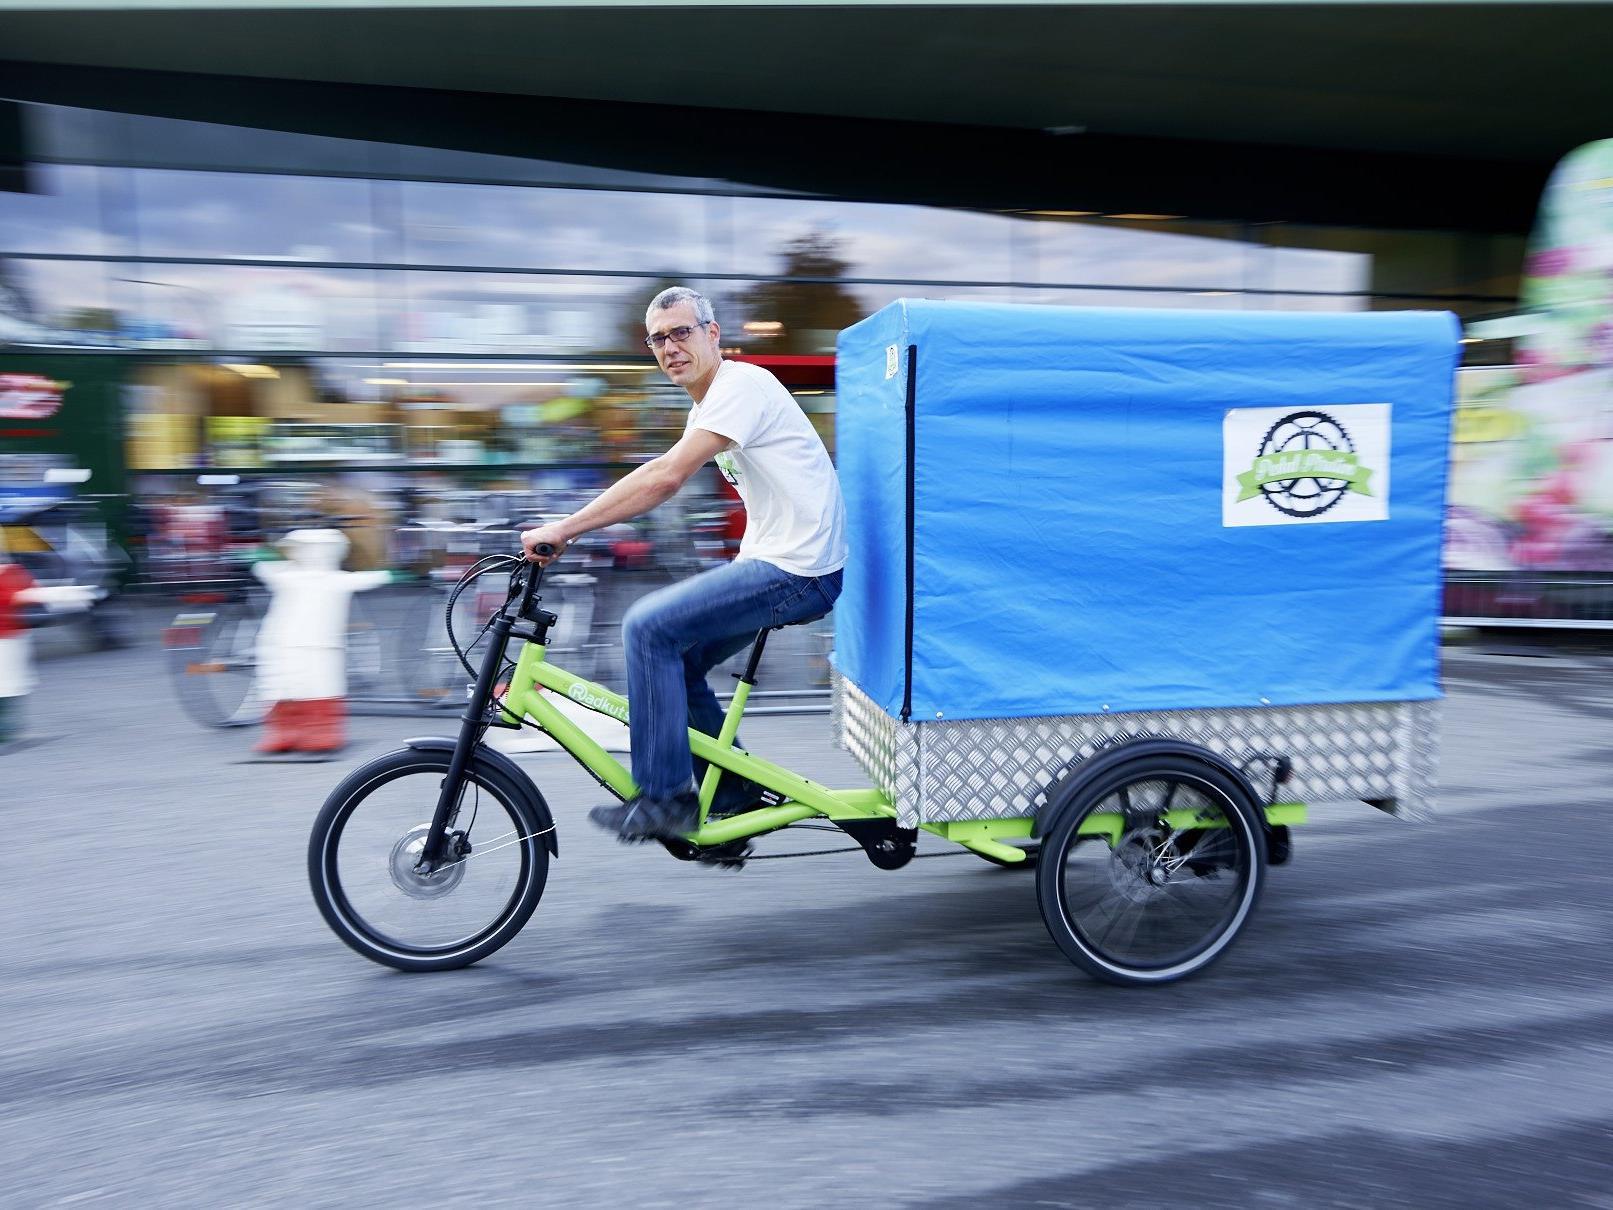 """""""Von kleinen Paketen angefangen, kann ich bis 250 Kilogramm eigentlich alles per Fahrrad ausliefern"""", erklärt Pedalpirat Ralph Hollenstein."""